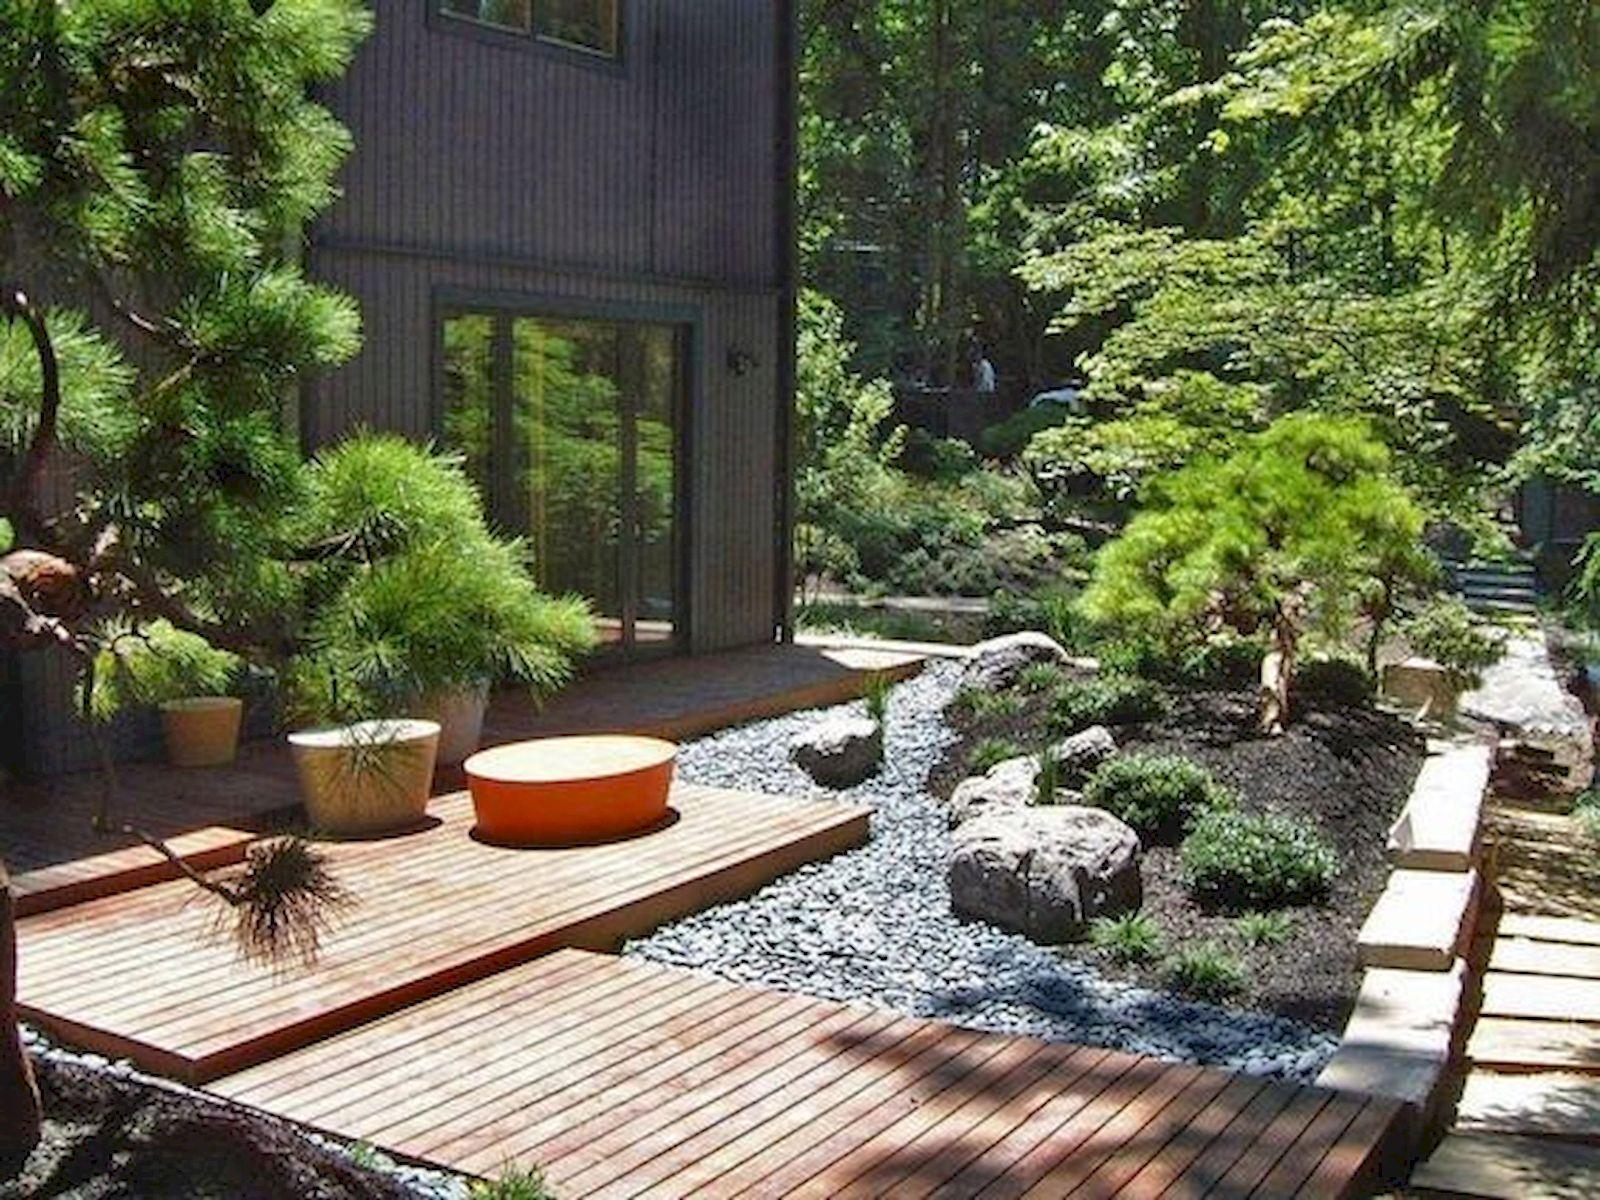 44 Fresh Small Garden Ideas For Backyard (24)